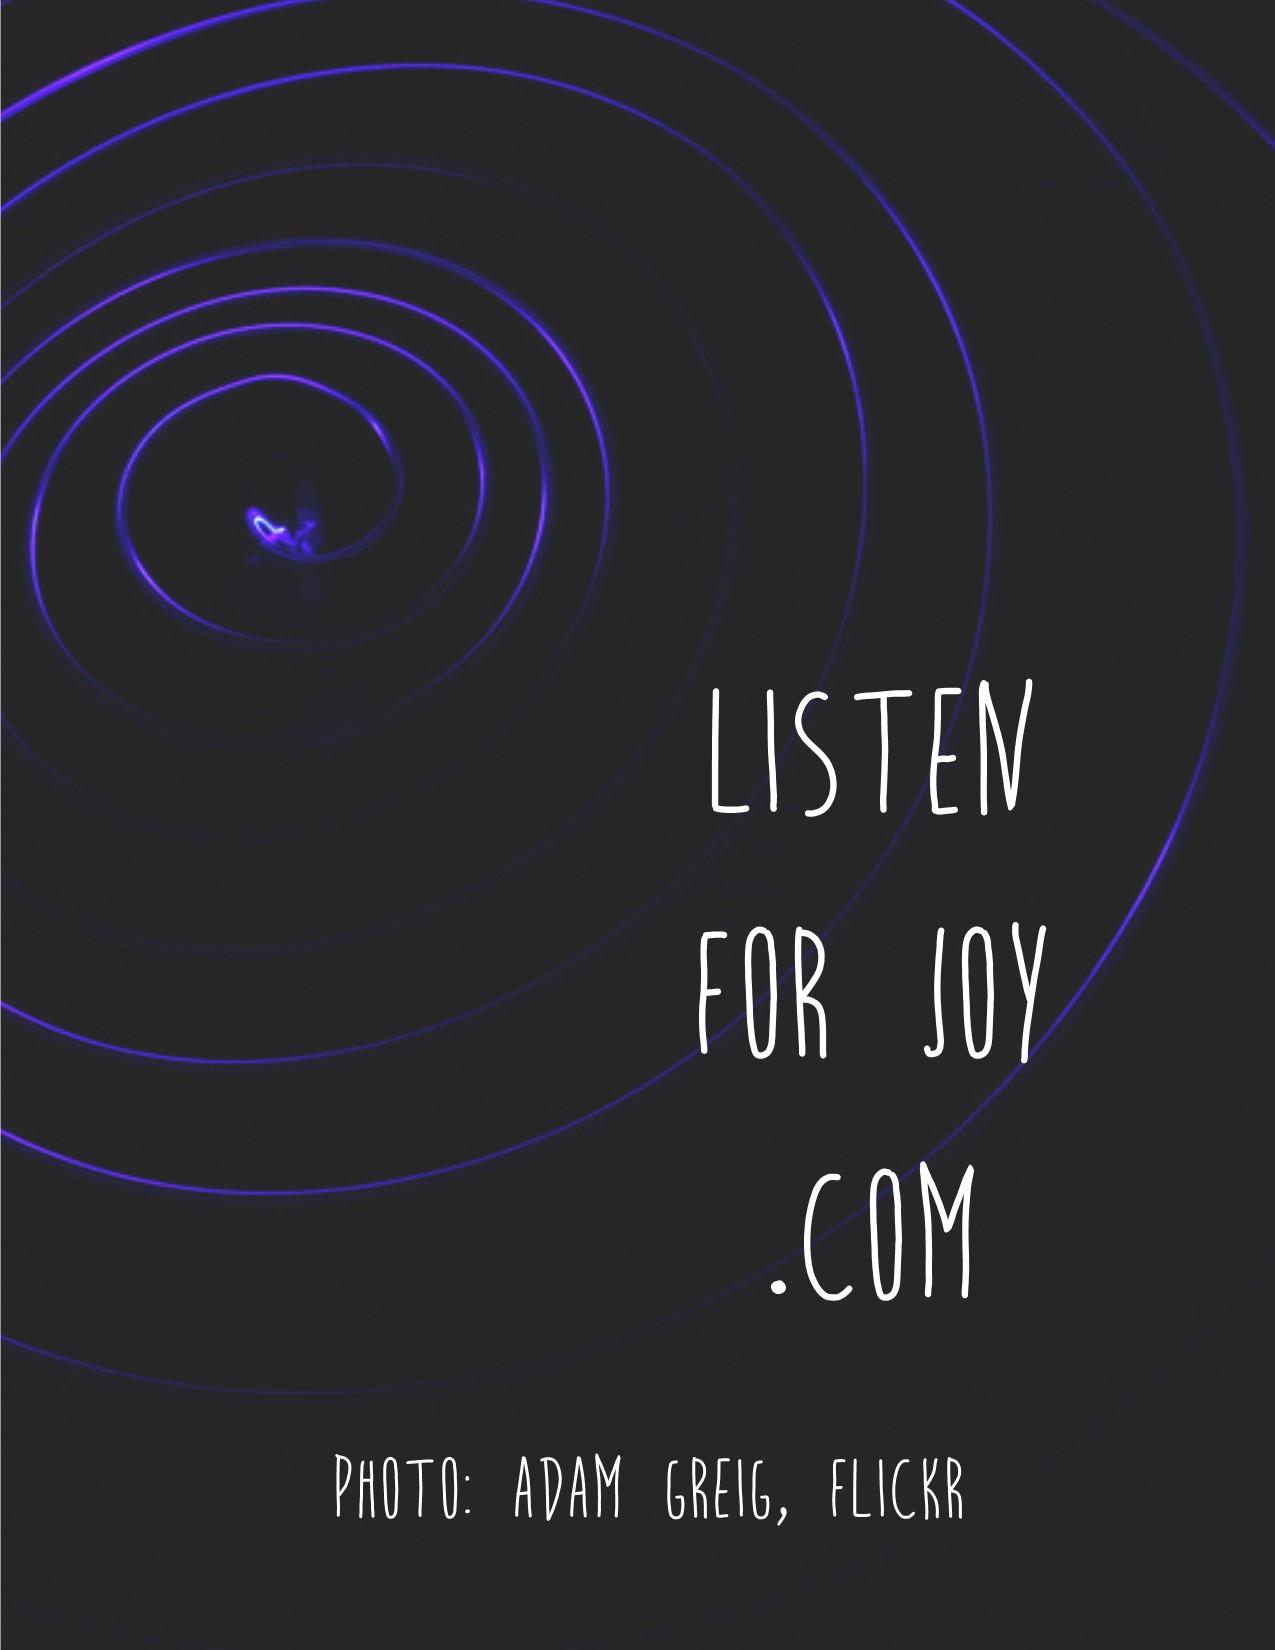 Deep Breath – Melanie Weidner © 2015, www.listenforjoy.com, by permission